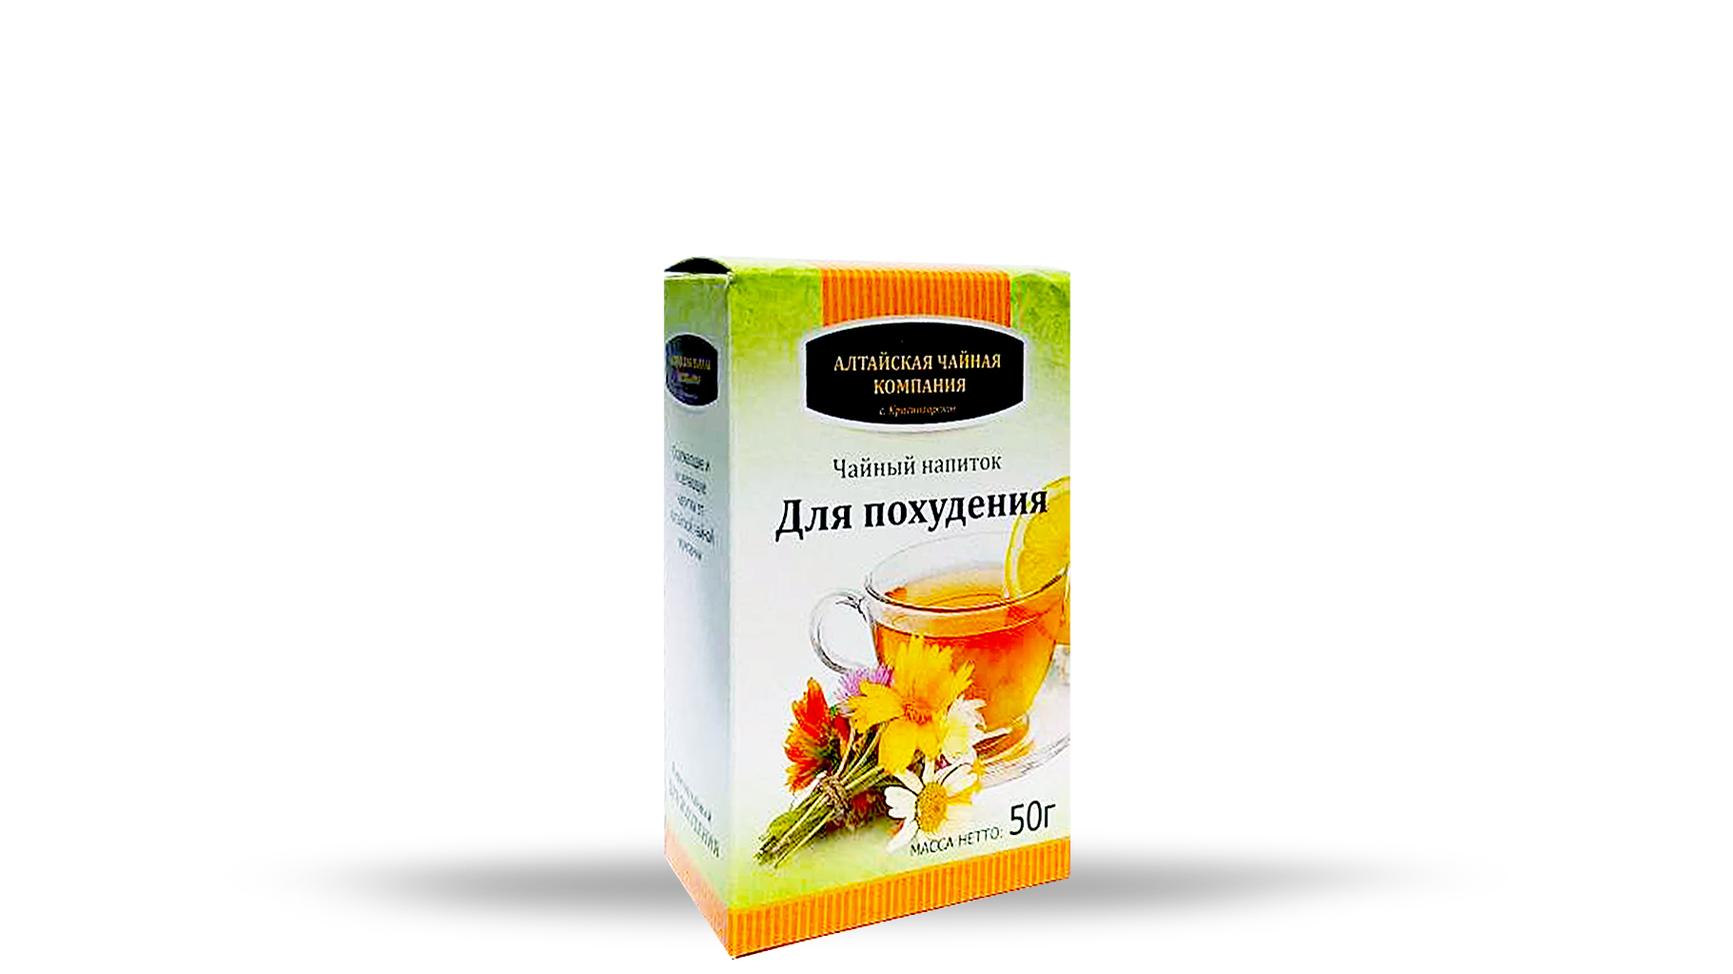 Чай Алтайский Похудение. 8 лучших чаев, которые увеличивают скорость похудения, разгоняют метаболизм и улучшают обмен веществ